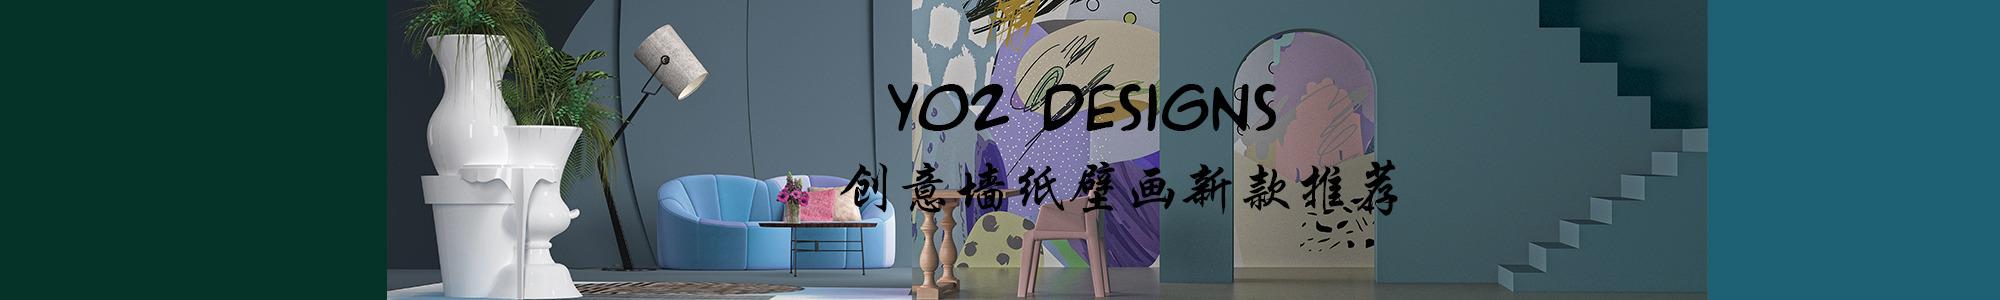 Yo2 Designs 創意墻紙壁畫新款